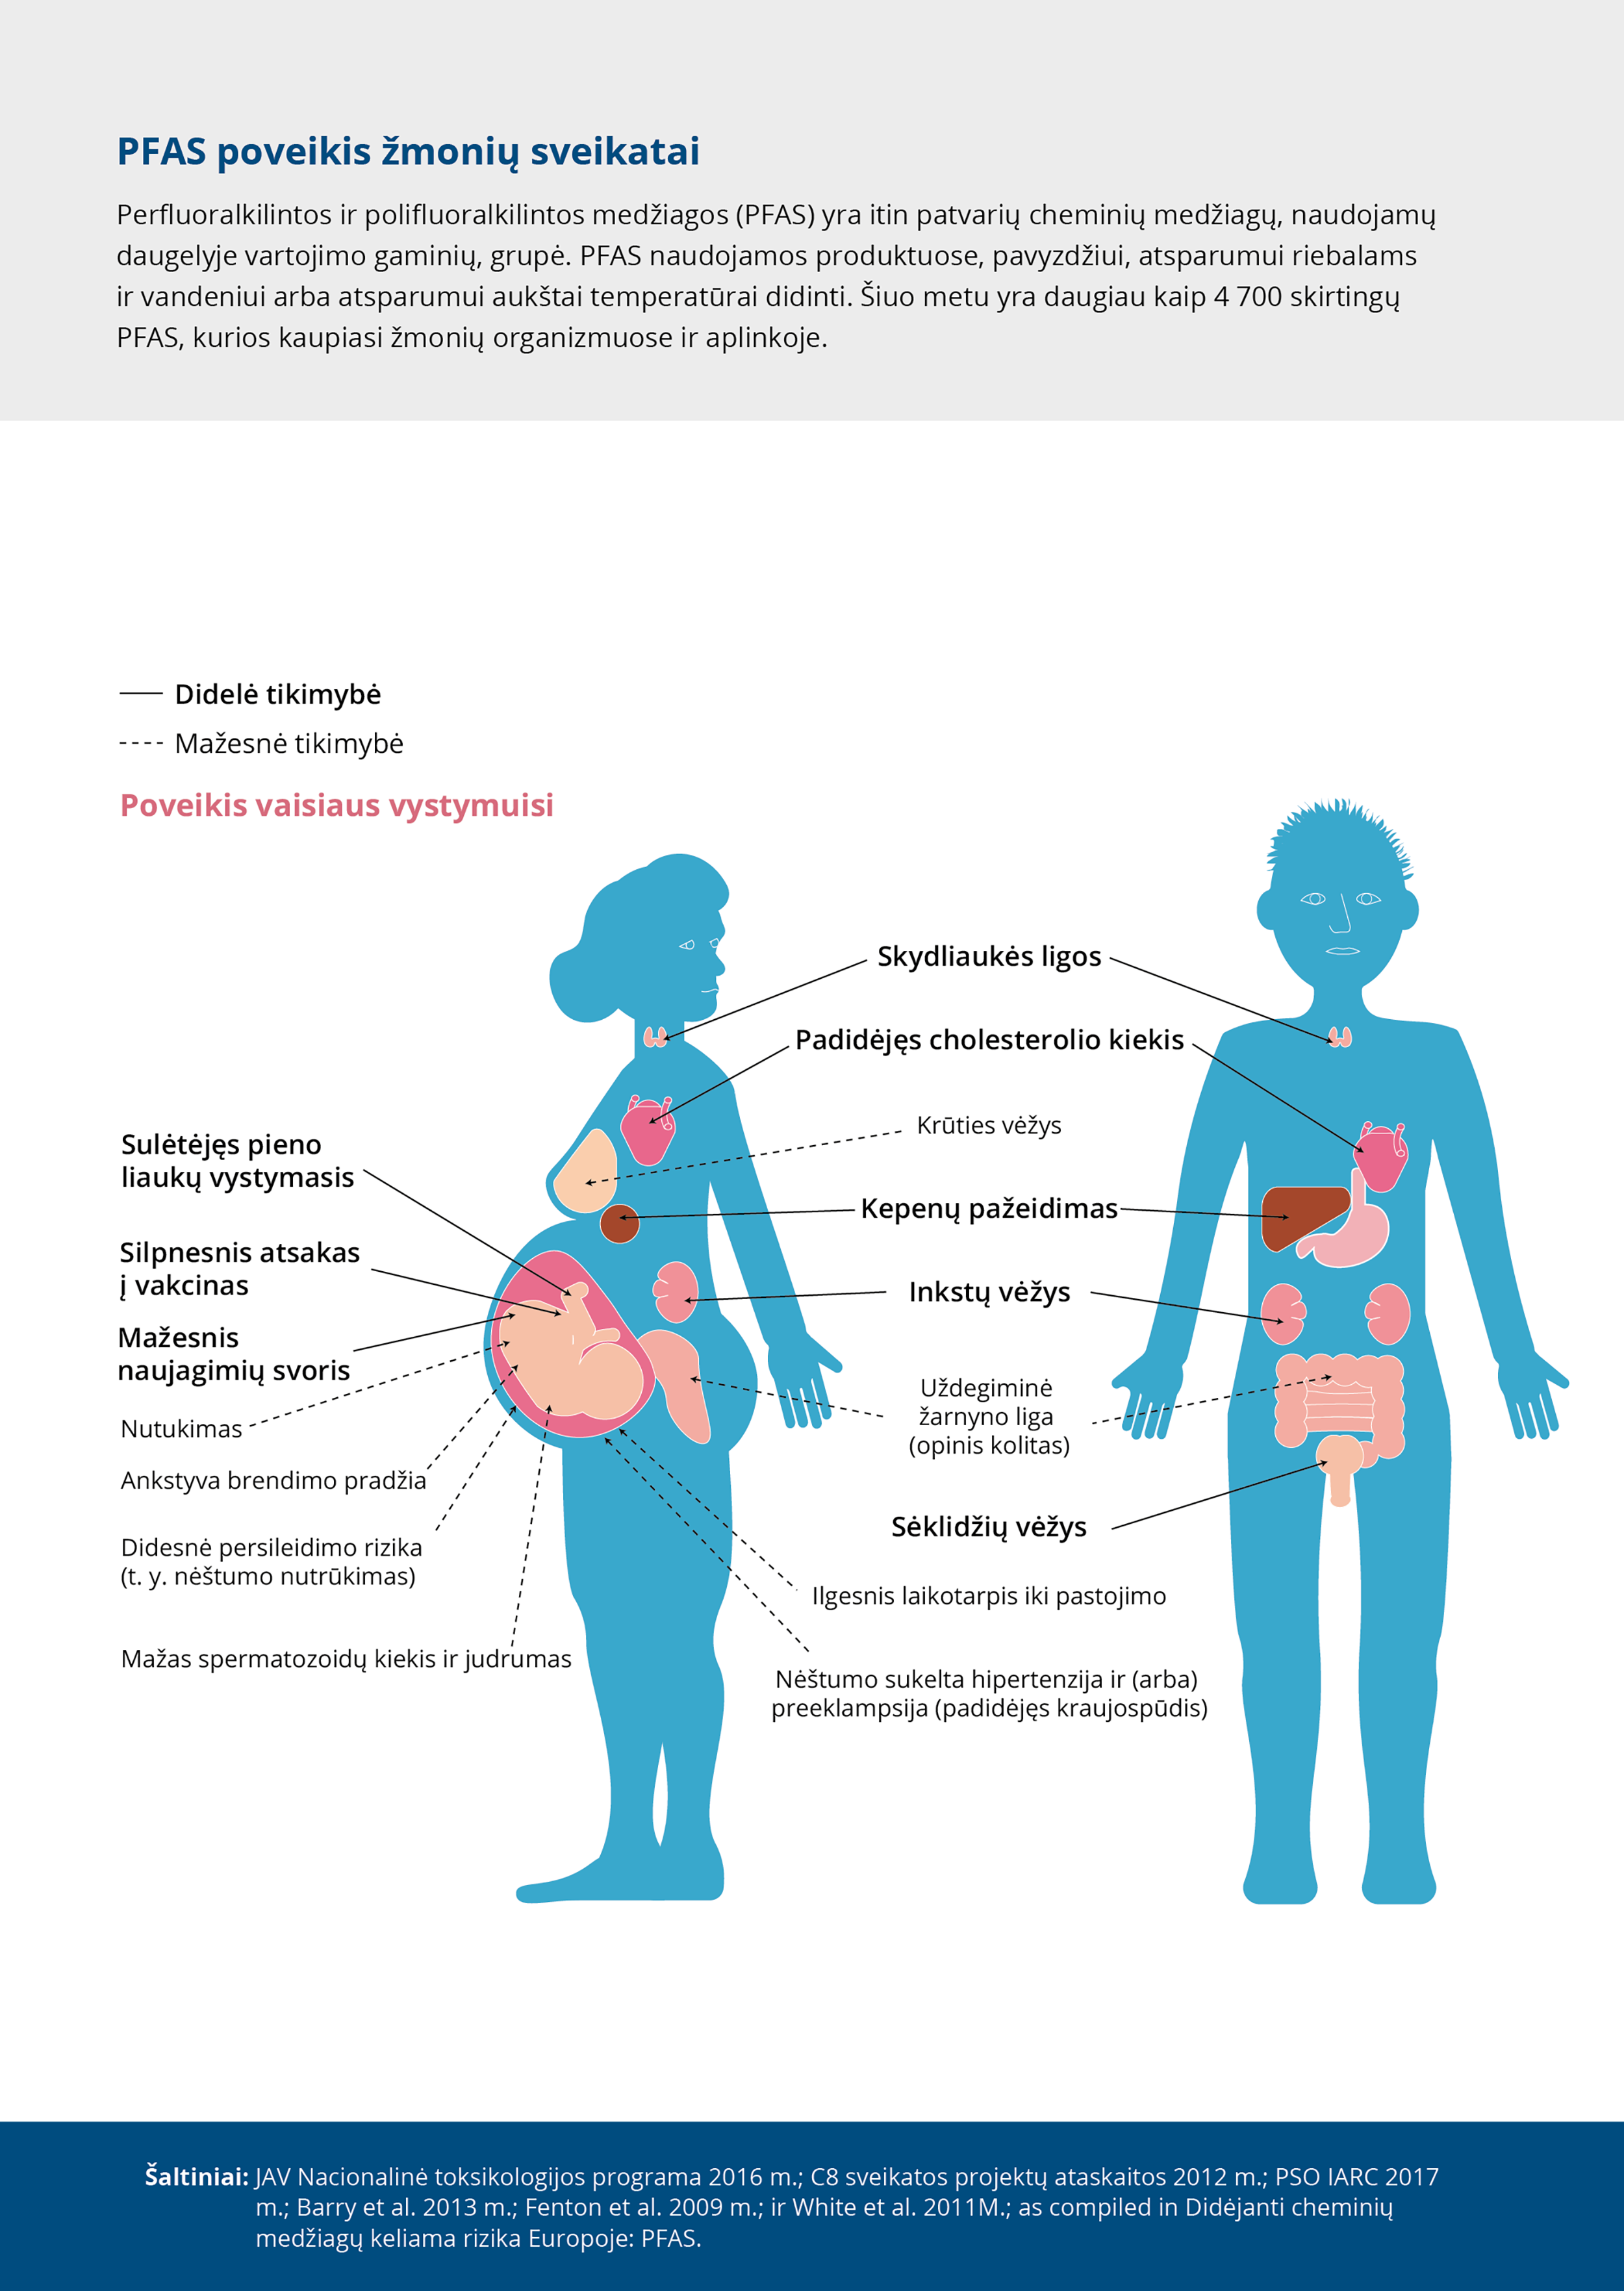 PFAS poveikis žmonių sveikatai